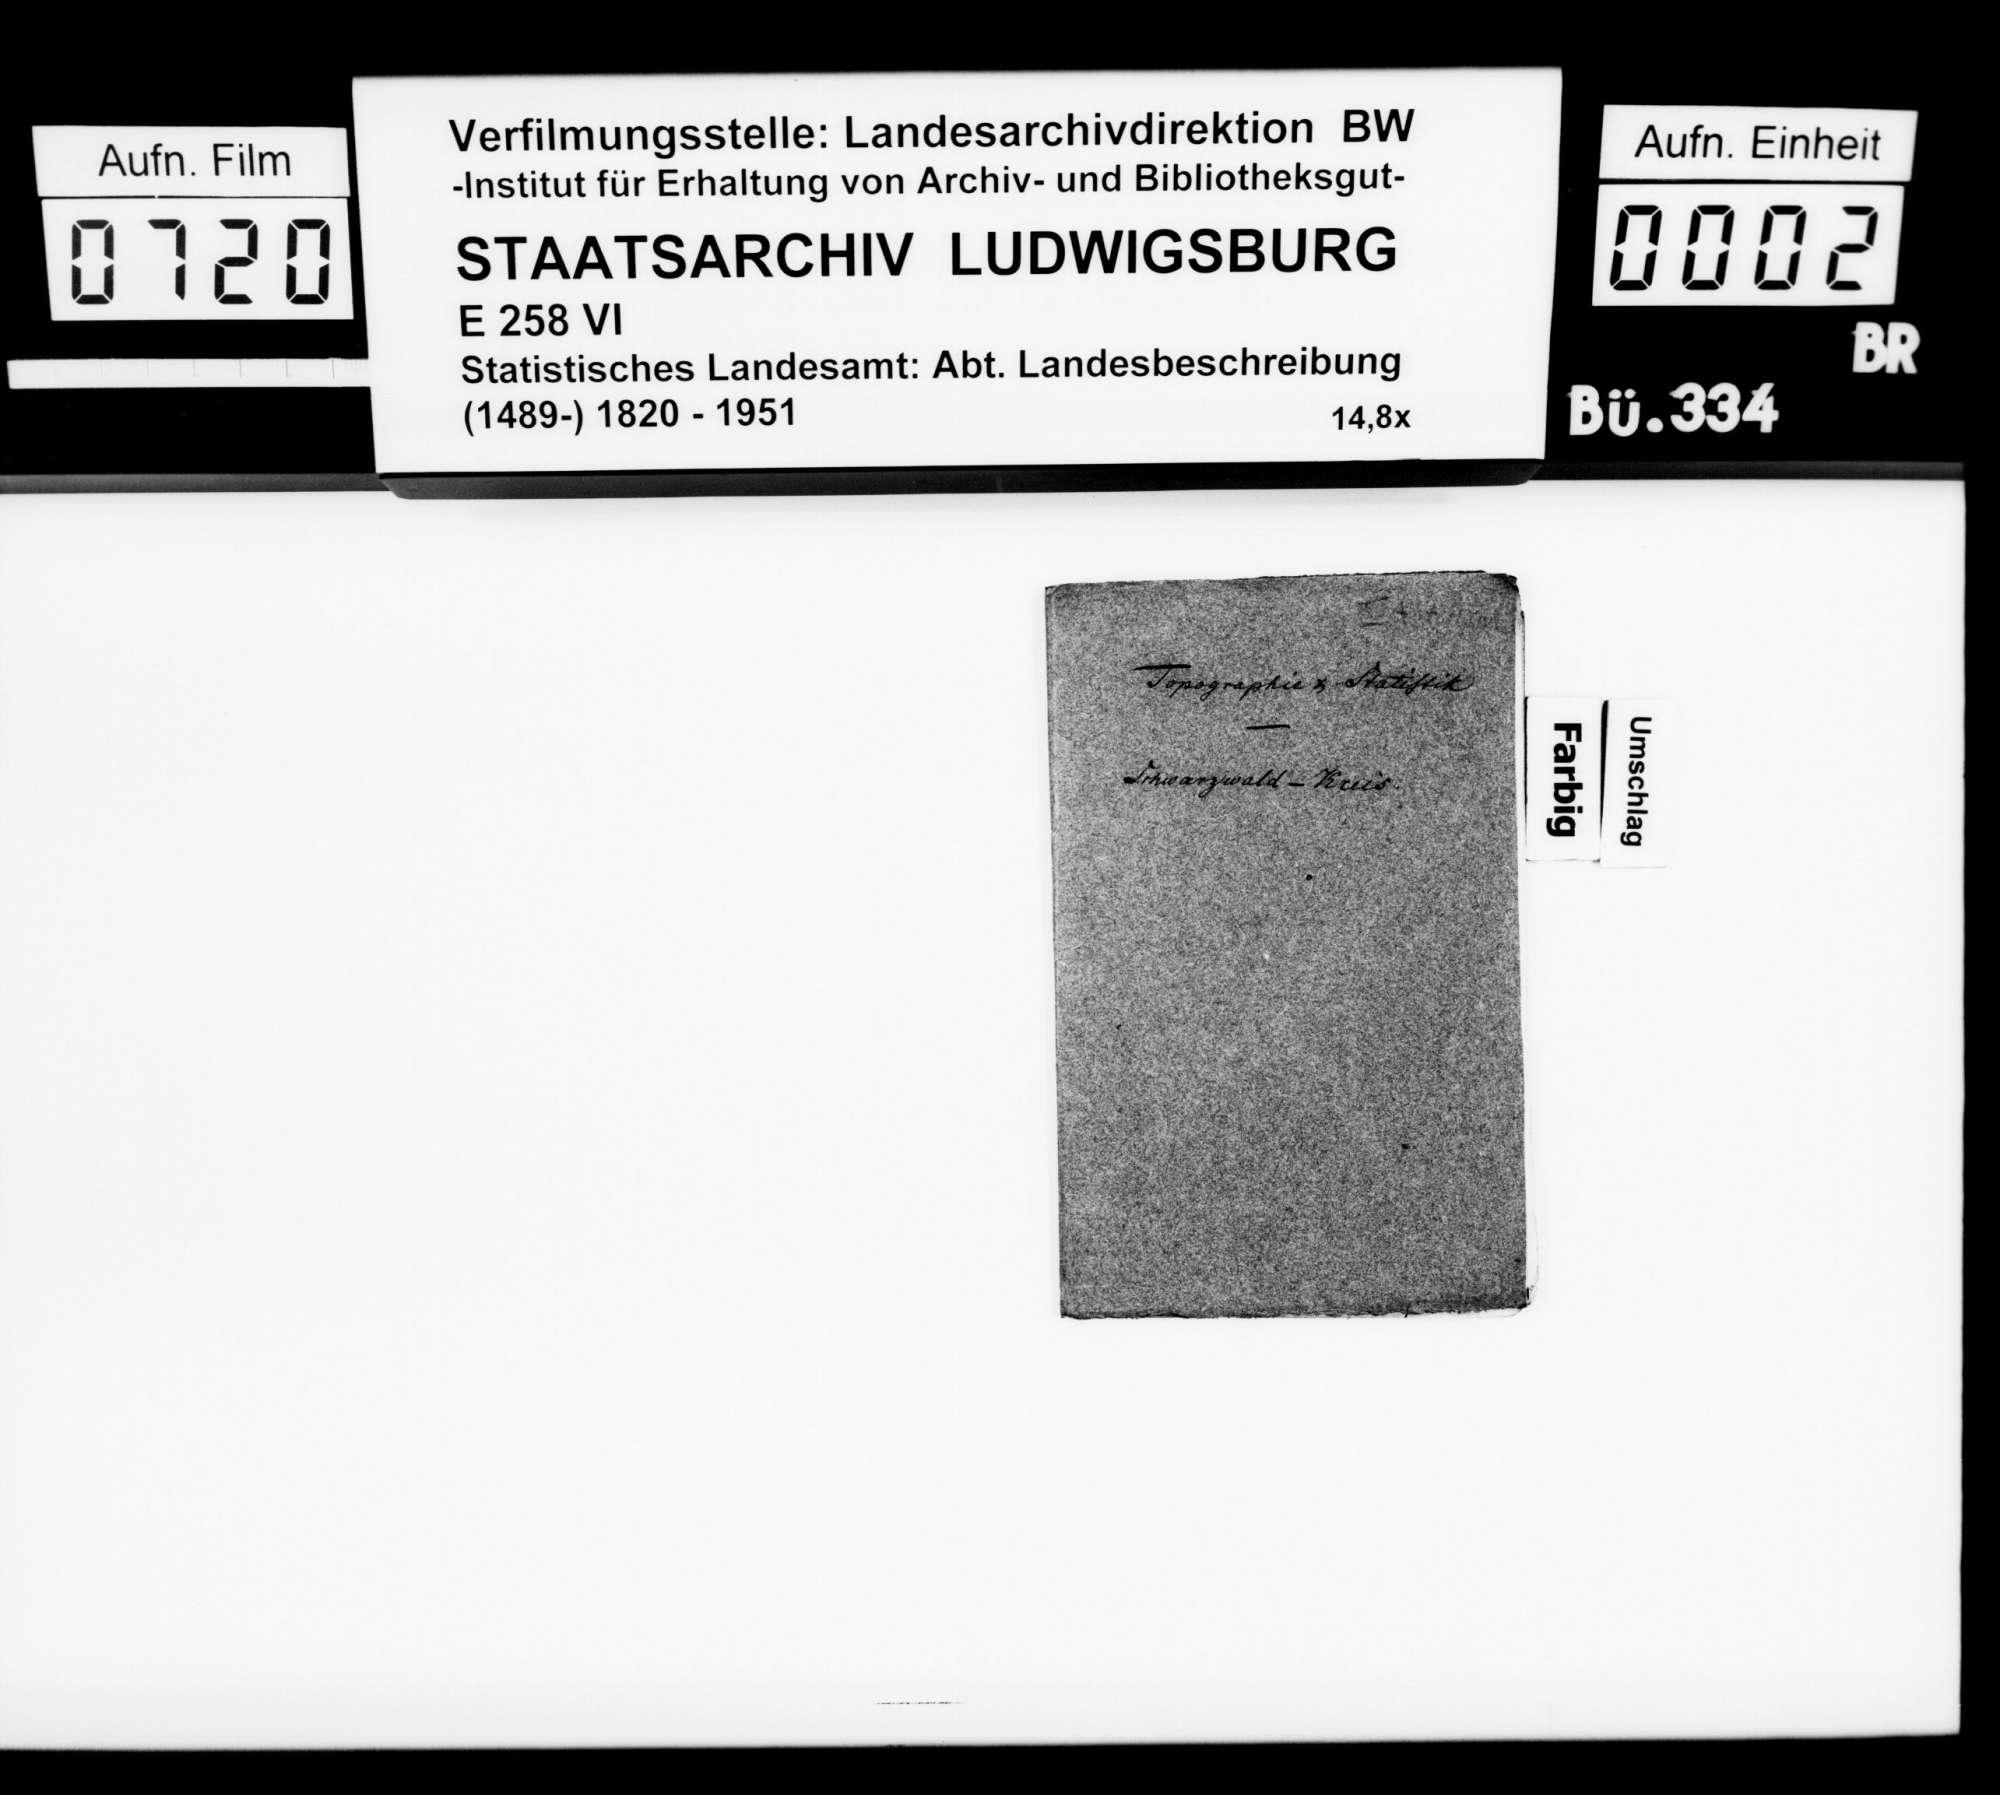 Notizen [des Trigonometers Diezel in der Kanzlei des STBs] zur Beschreibung und Geschichte verschiedener Orte im Schwarzwaldkreis, Bild 1